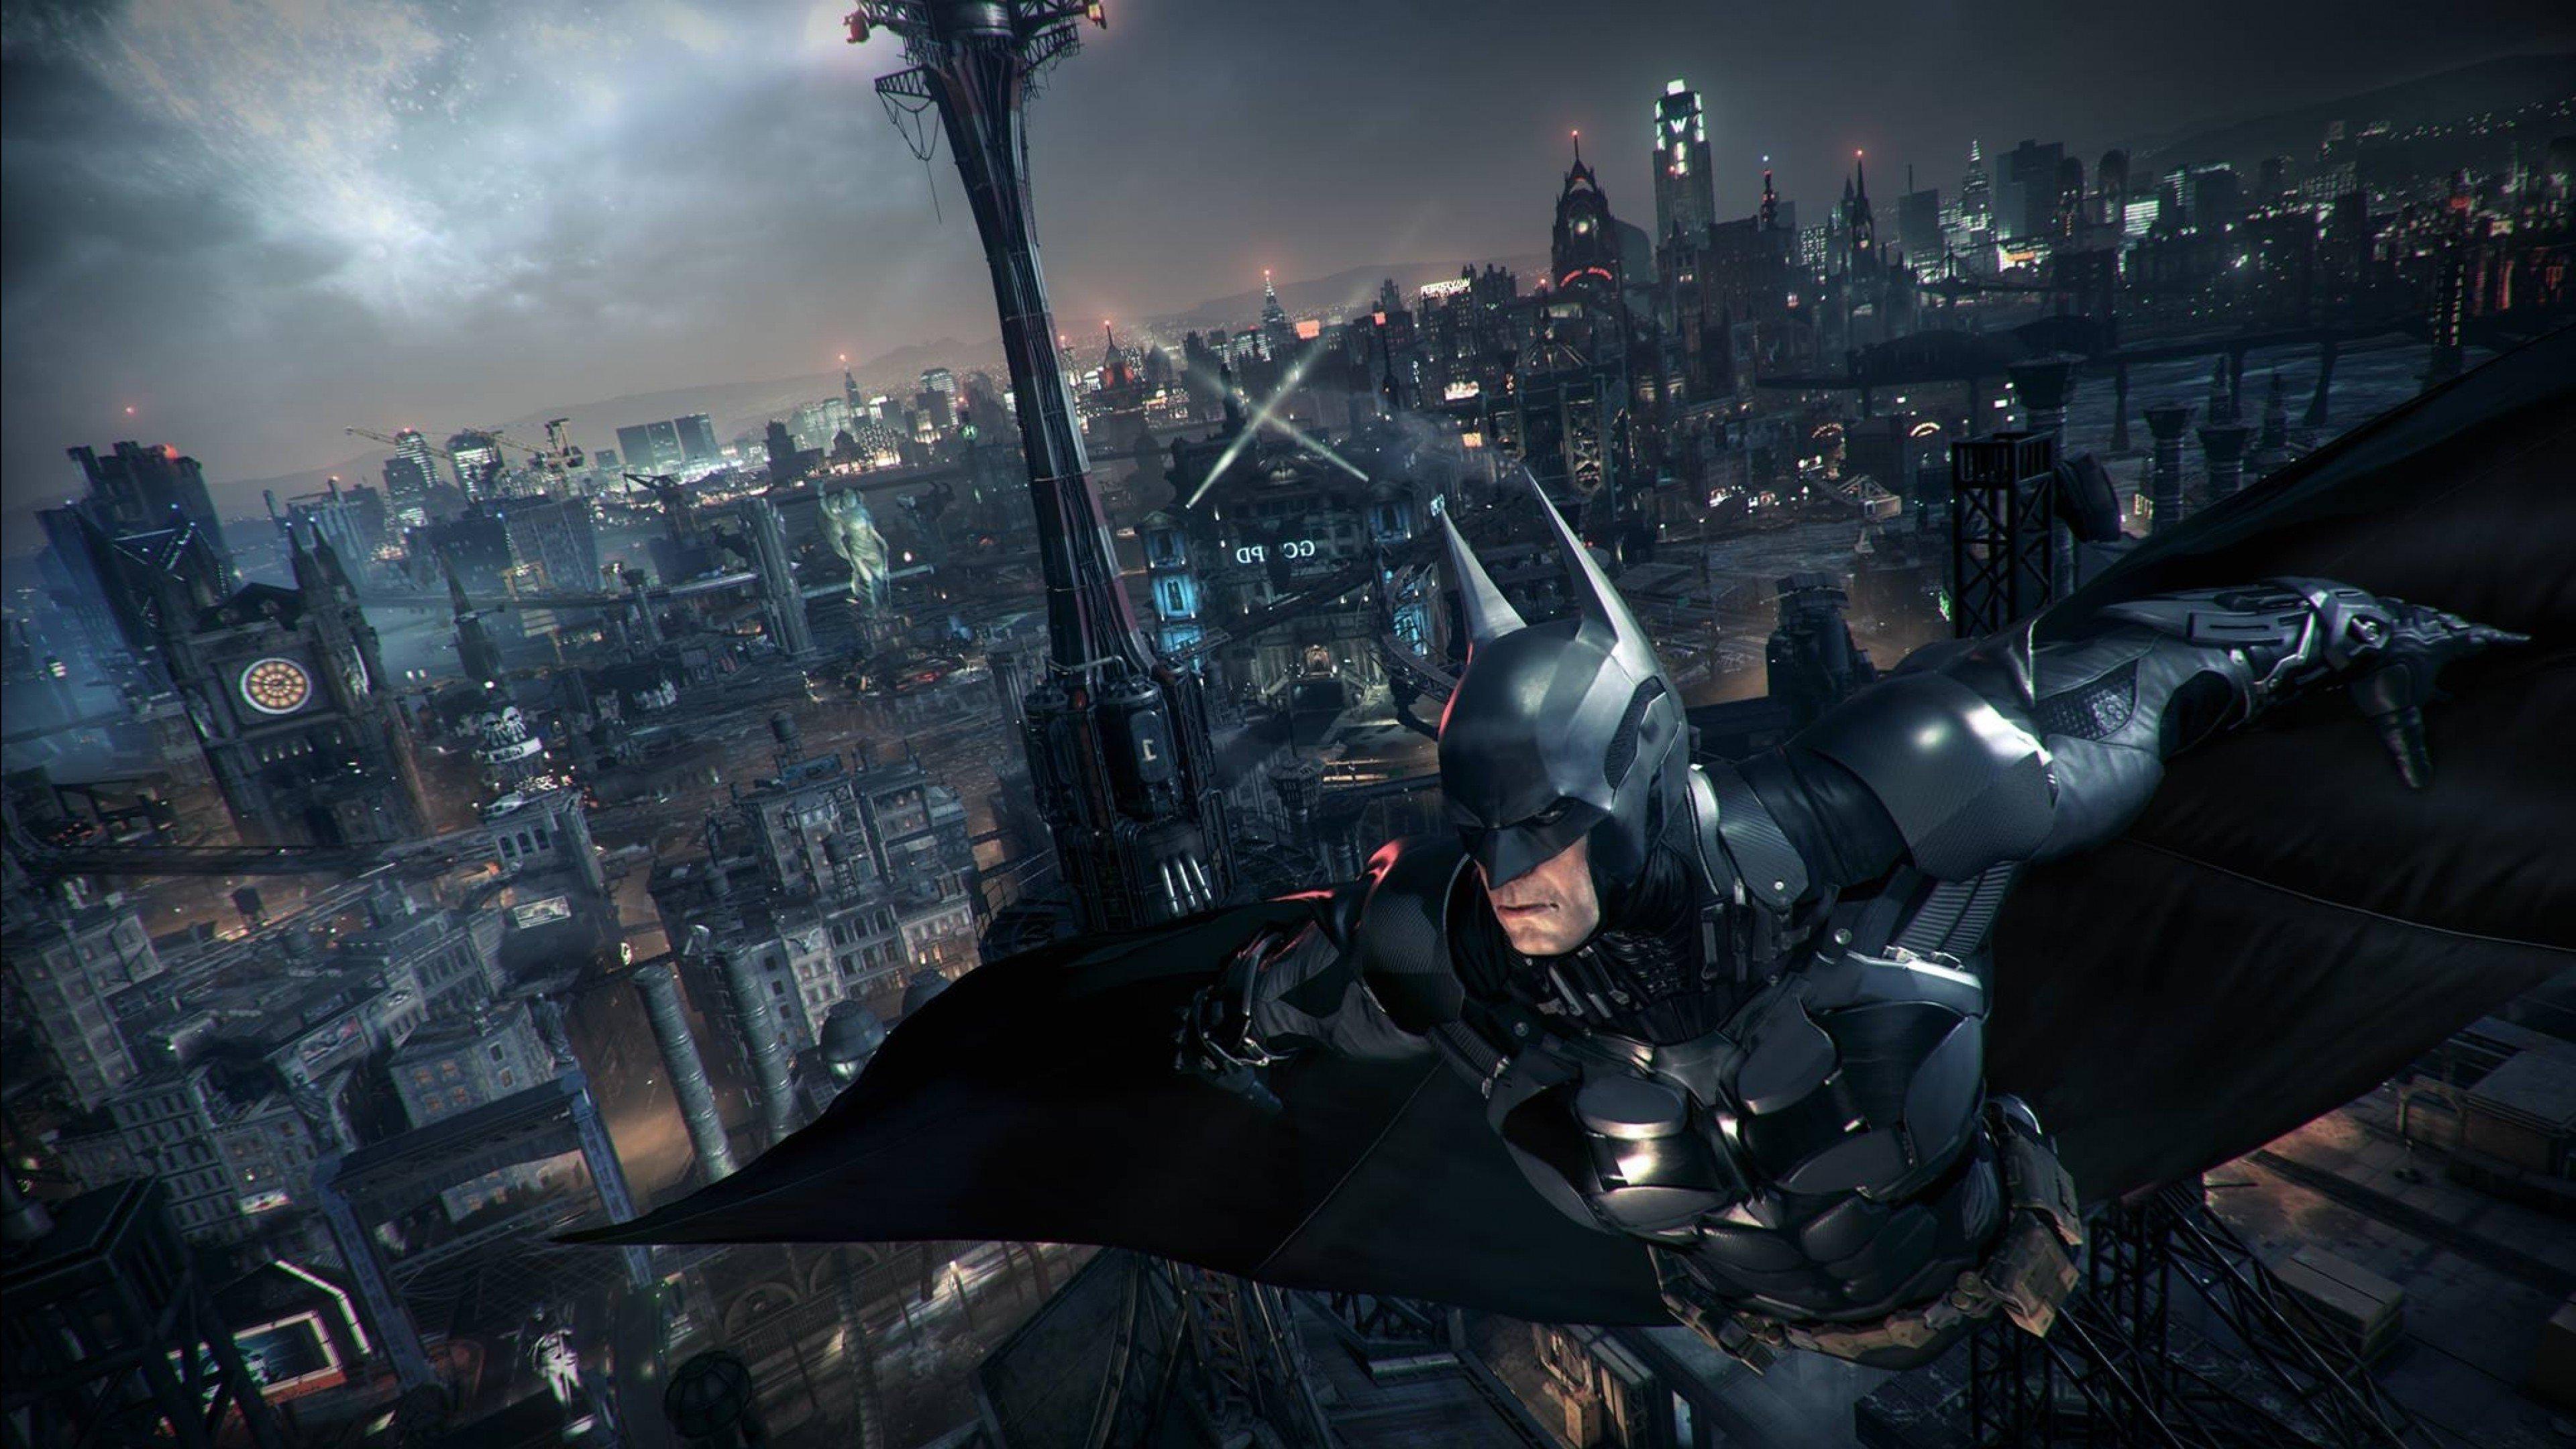 Batman Arkham Knight Rocksteady Studios Batman Gotham City 3840x2160